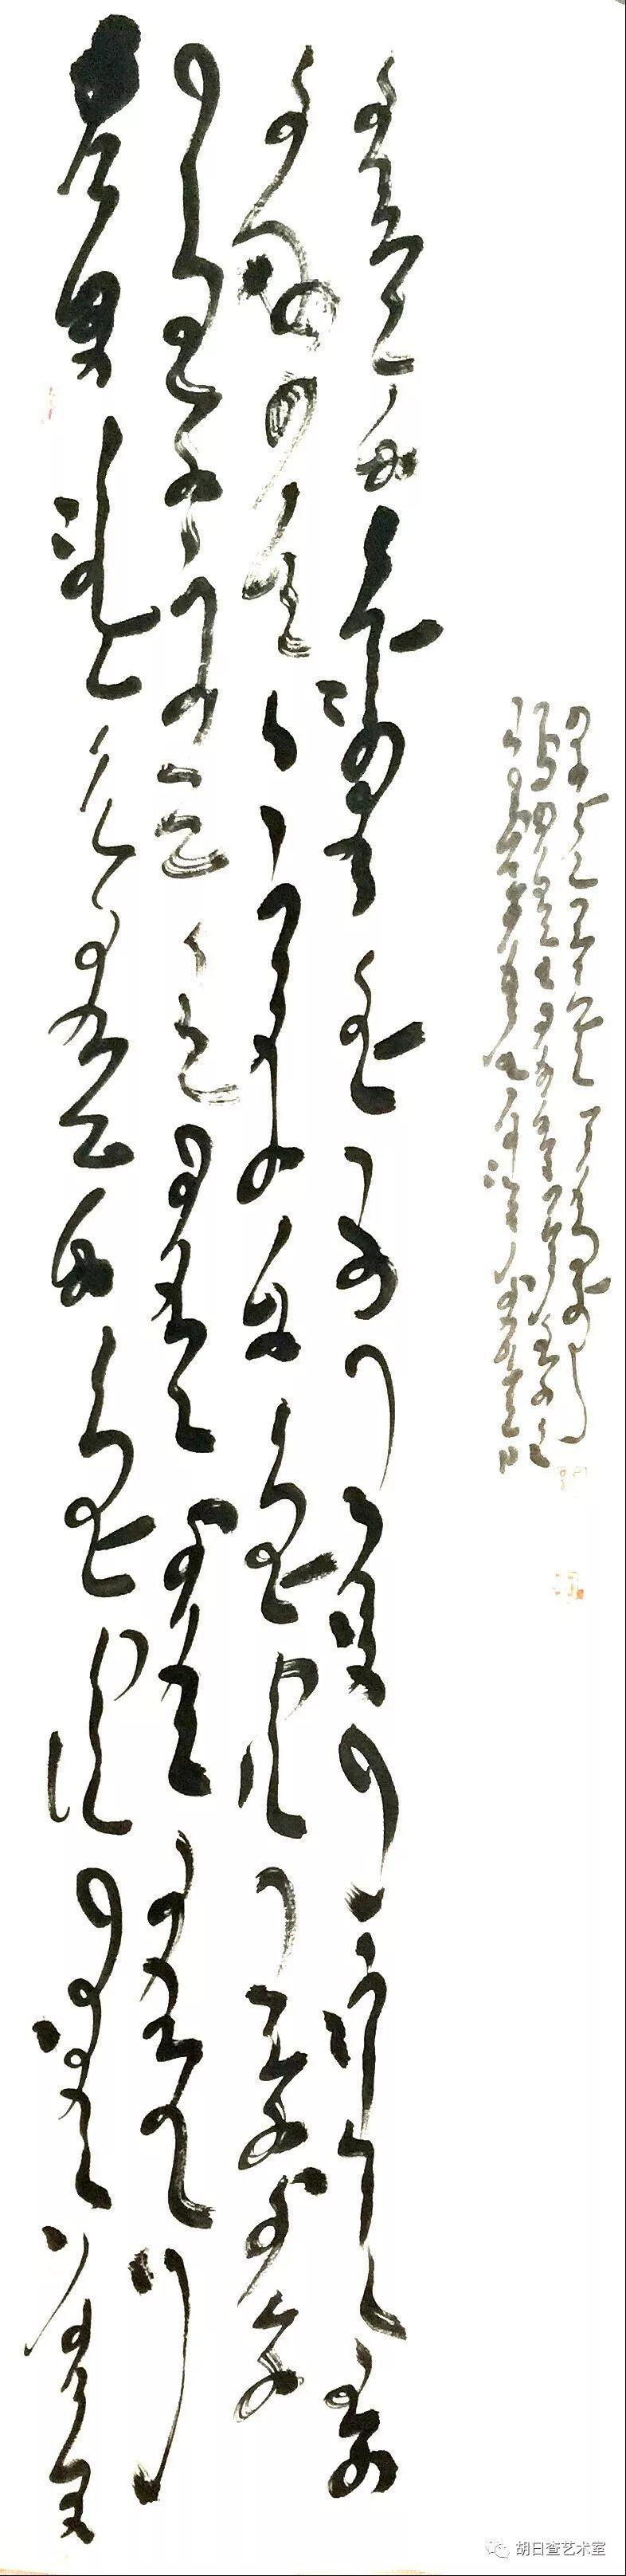 敖宝林 • 蒙古文书法作品欣赏 第10张 敖宝林 • 蒙古文书法作品欣赏 蒙古书法